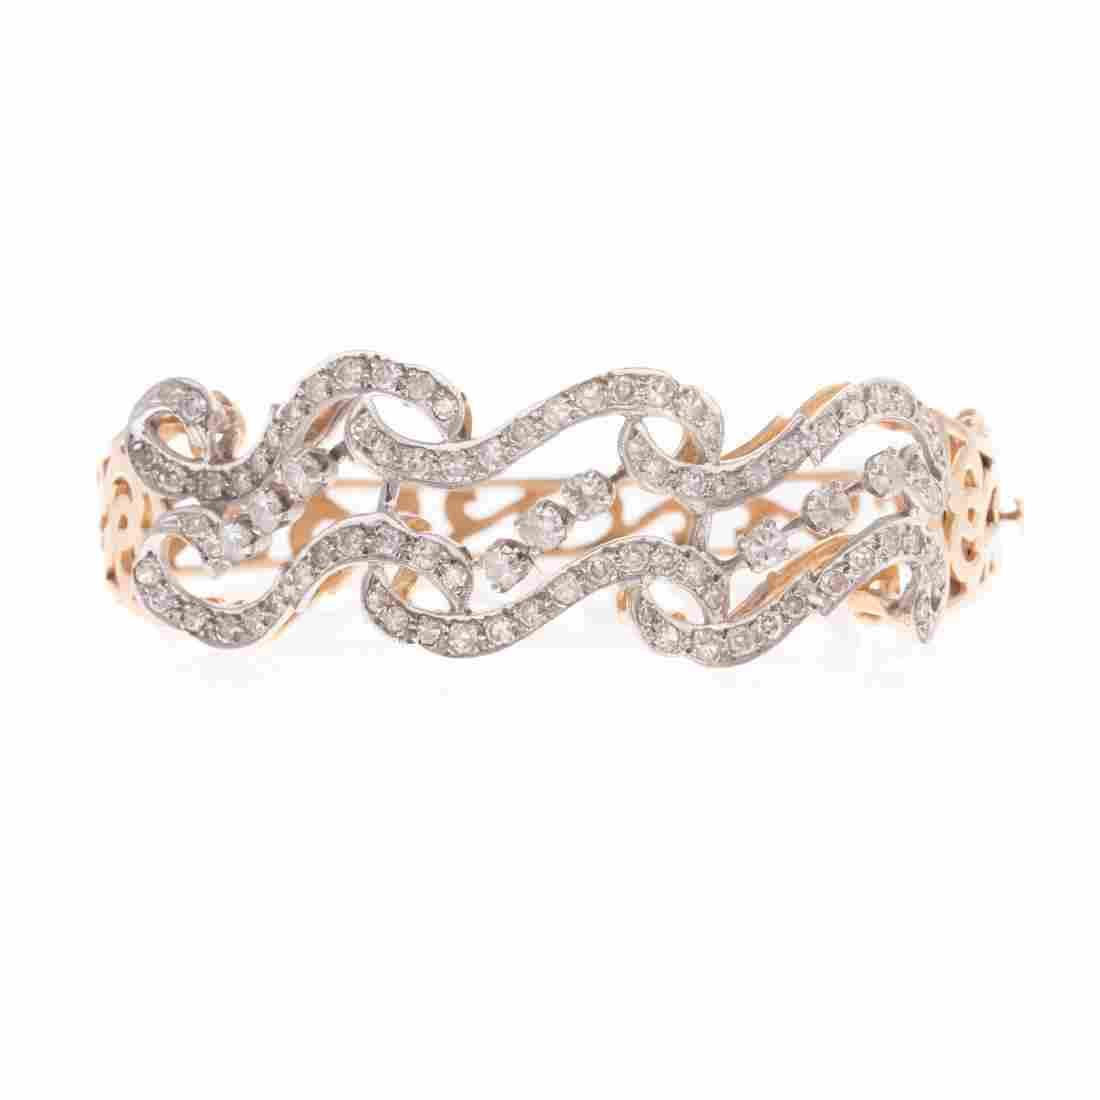 A Lady's Diamond Bracelet in 14K Gold